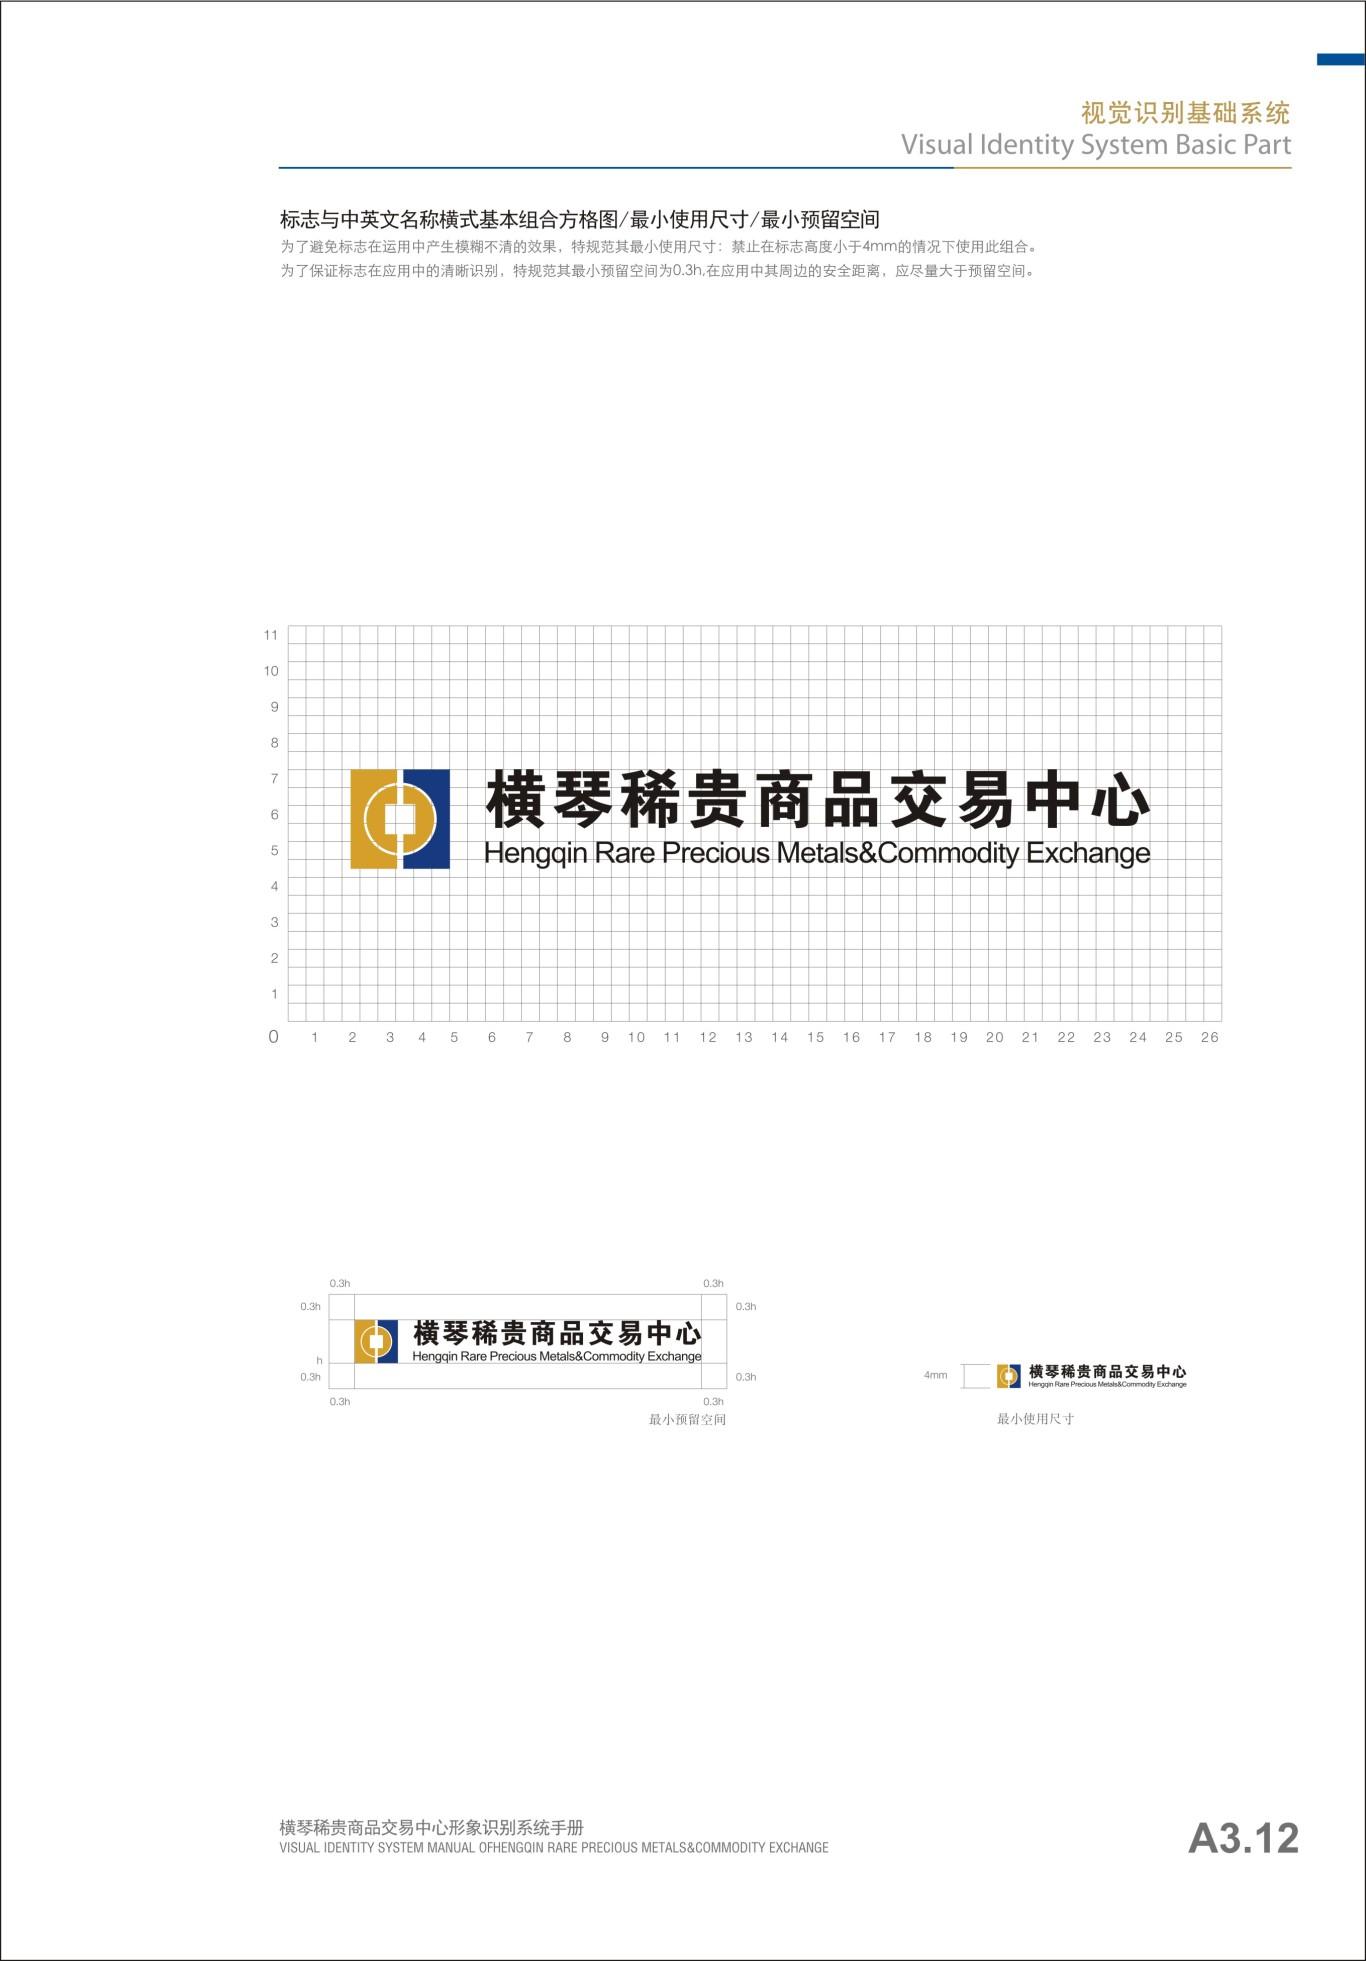 贵金属行业横琴稀贵VI手册设计图9